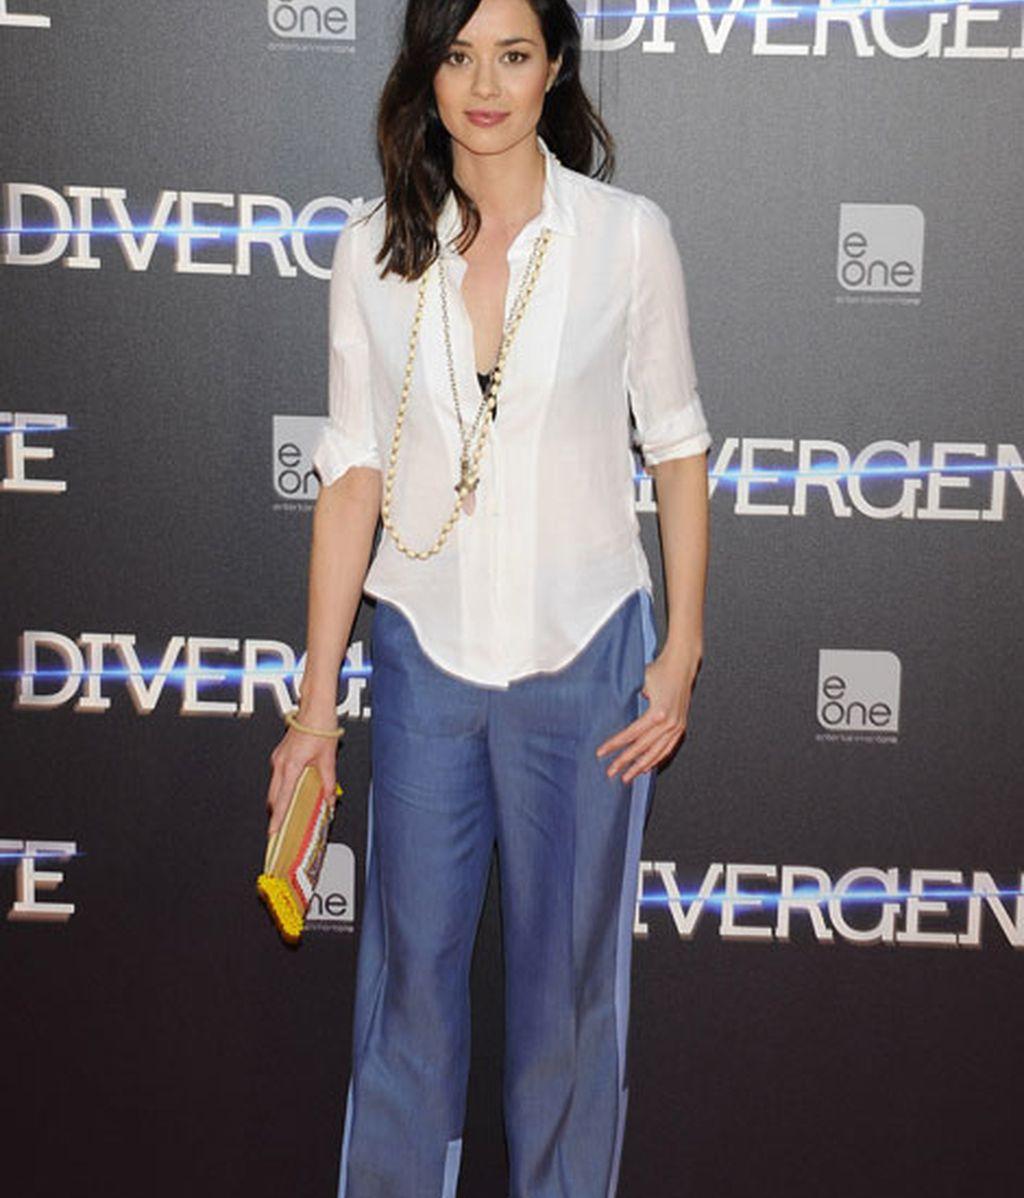 La actriz Dafne Fernández también desiló por la alfombra roja